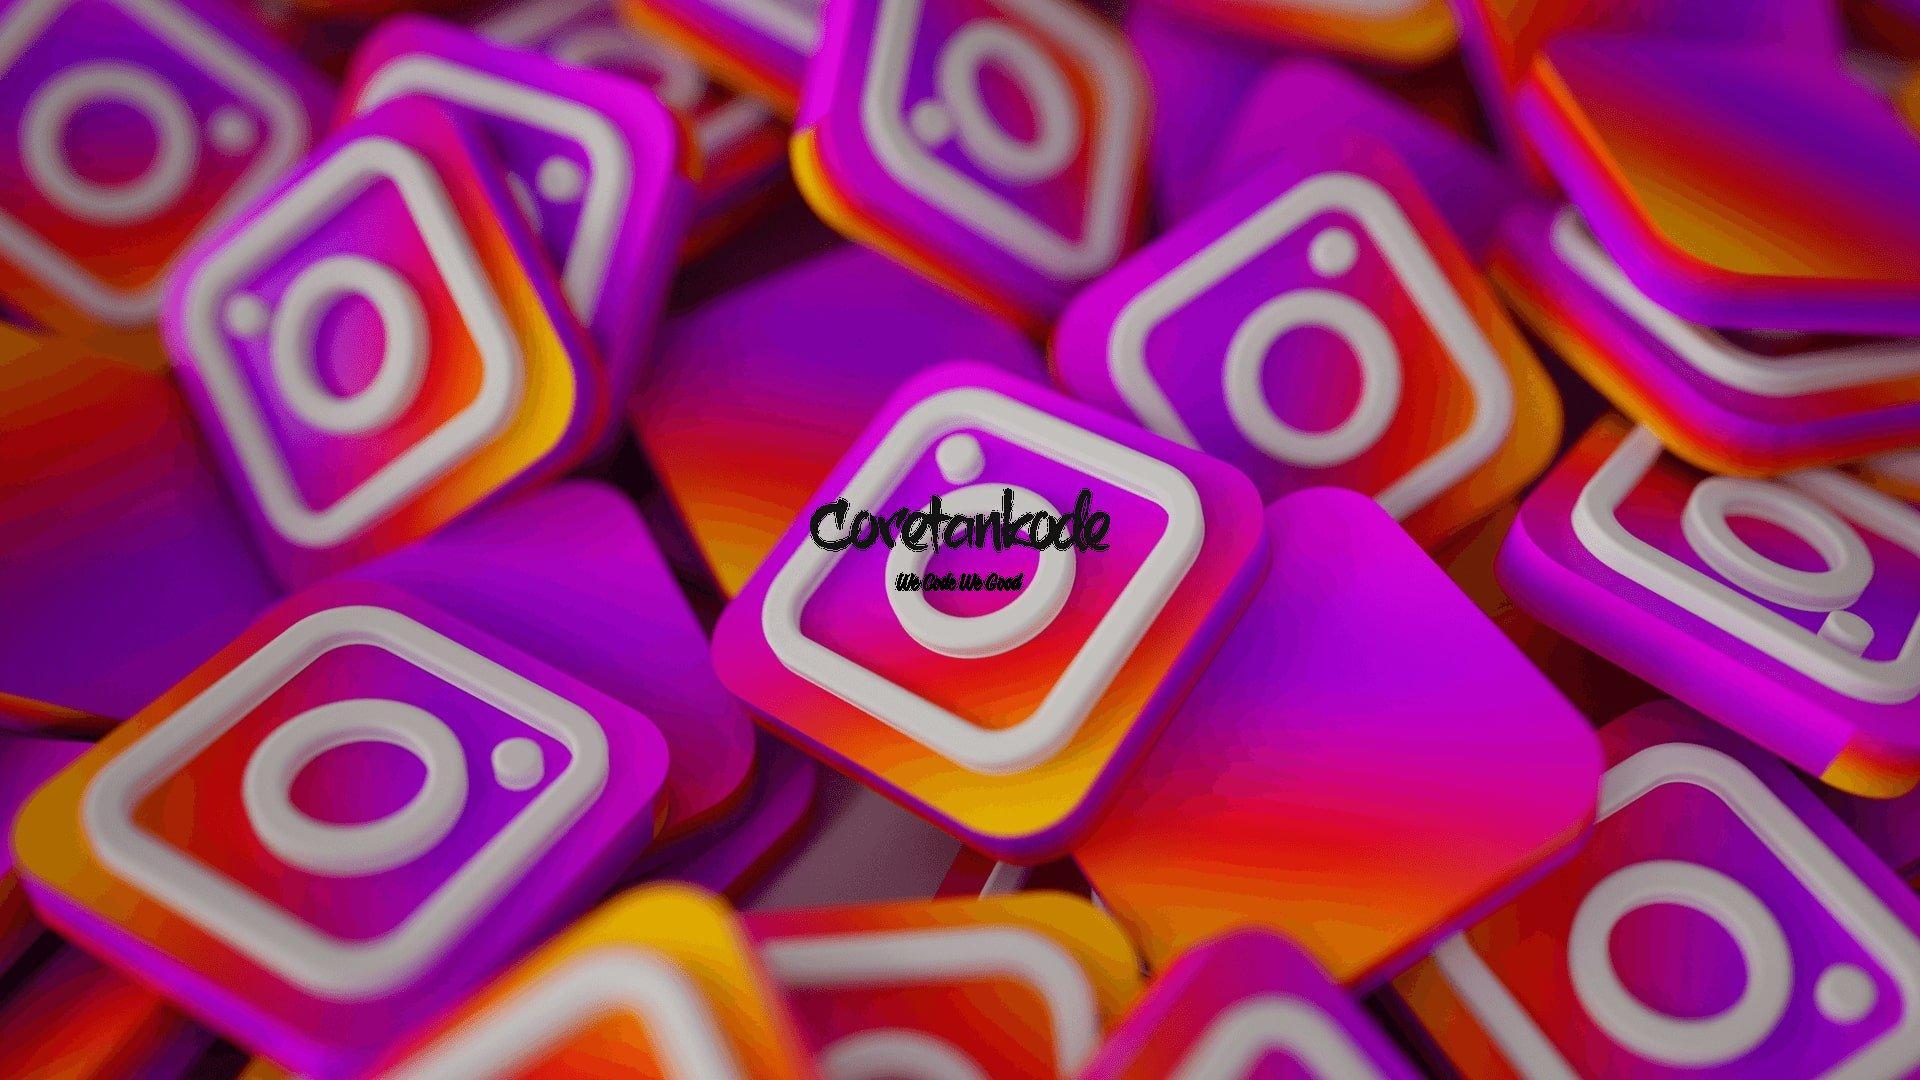 Cara Terbaik untuk Menyimpan-Mengambil Konten Instagram